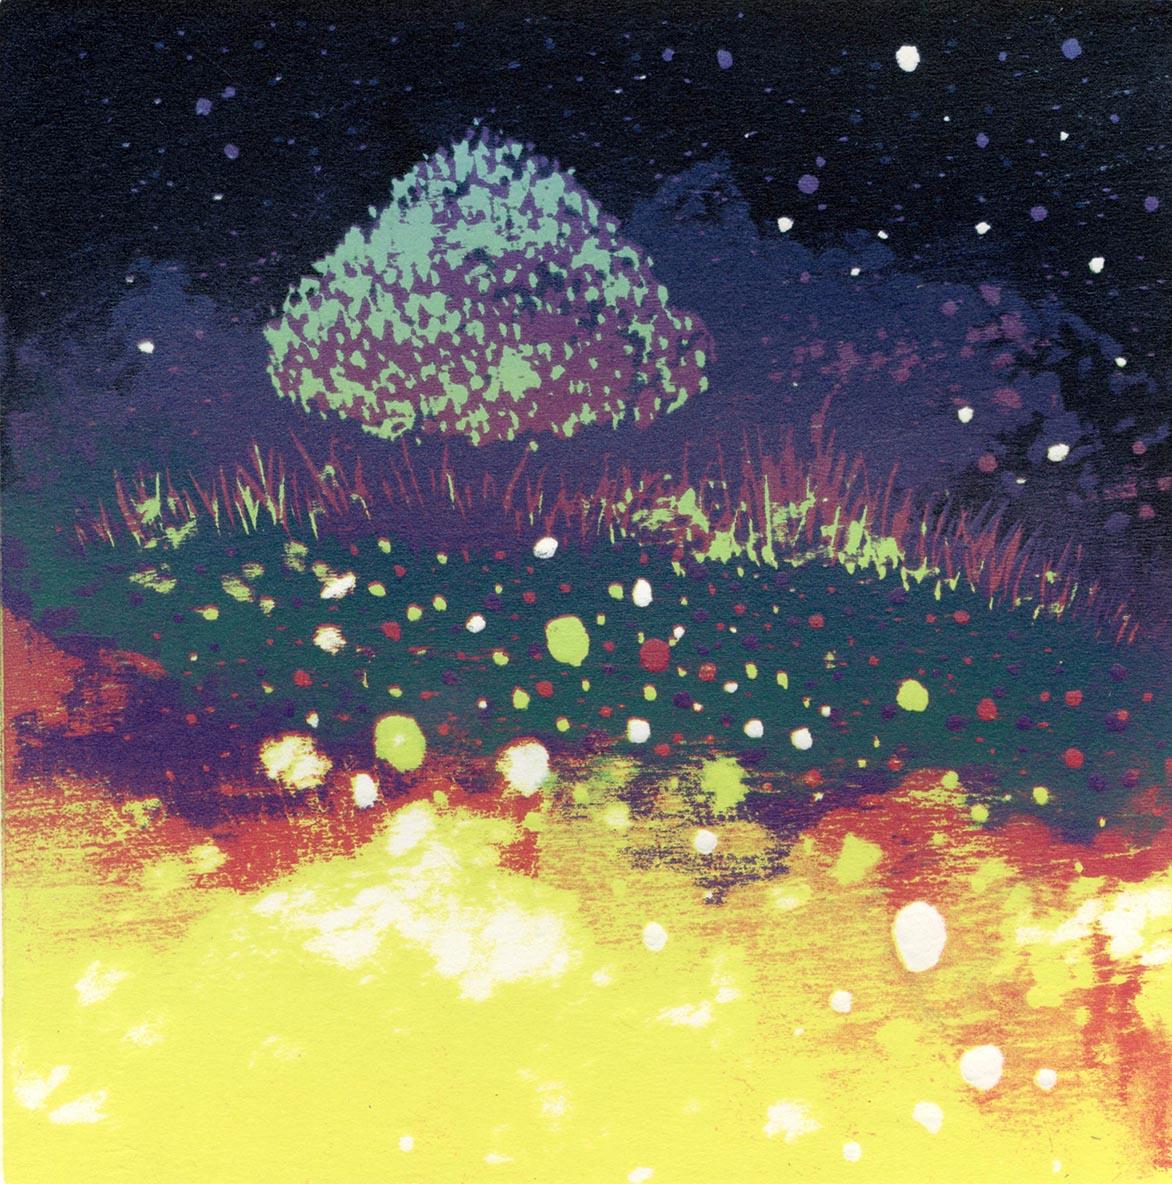 游雅兰 天上的树 油印木刻 15x15cm